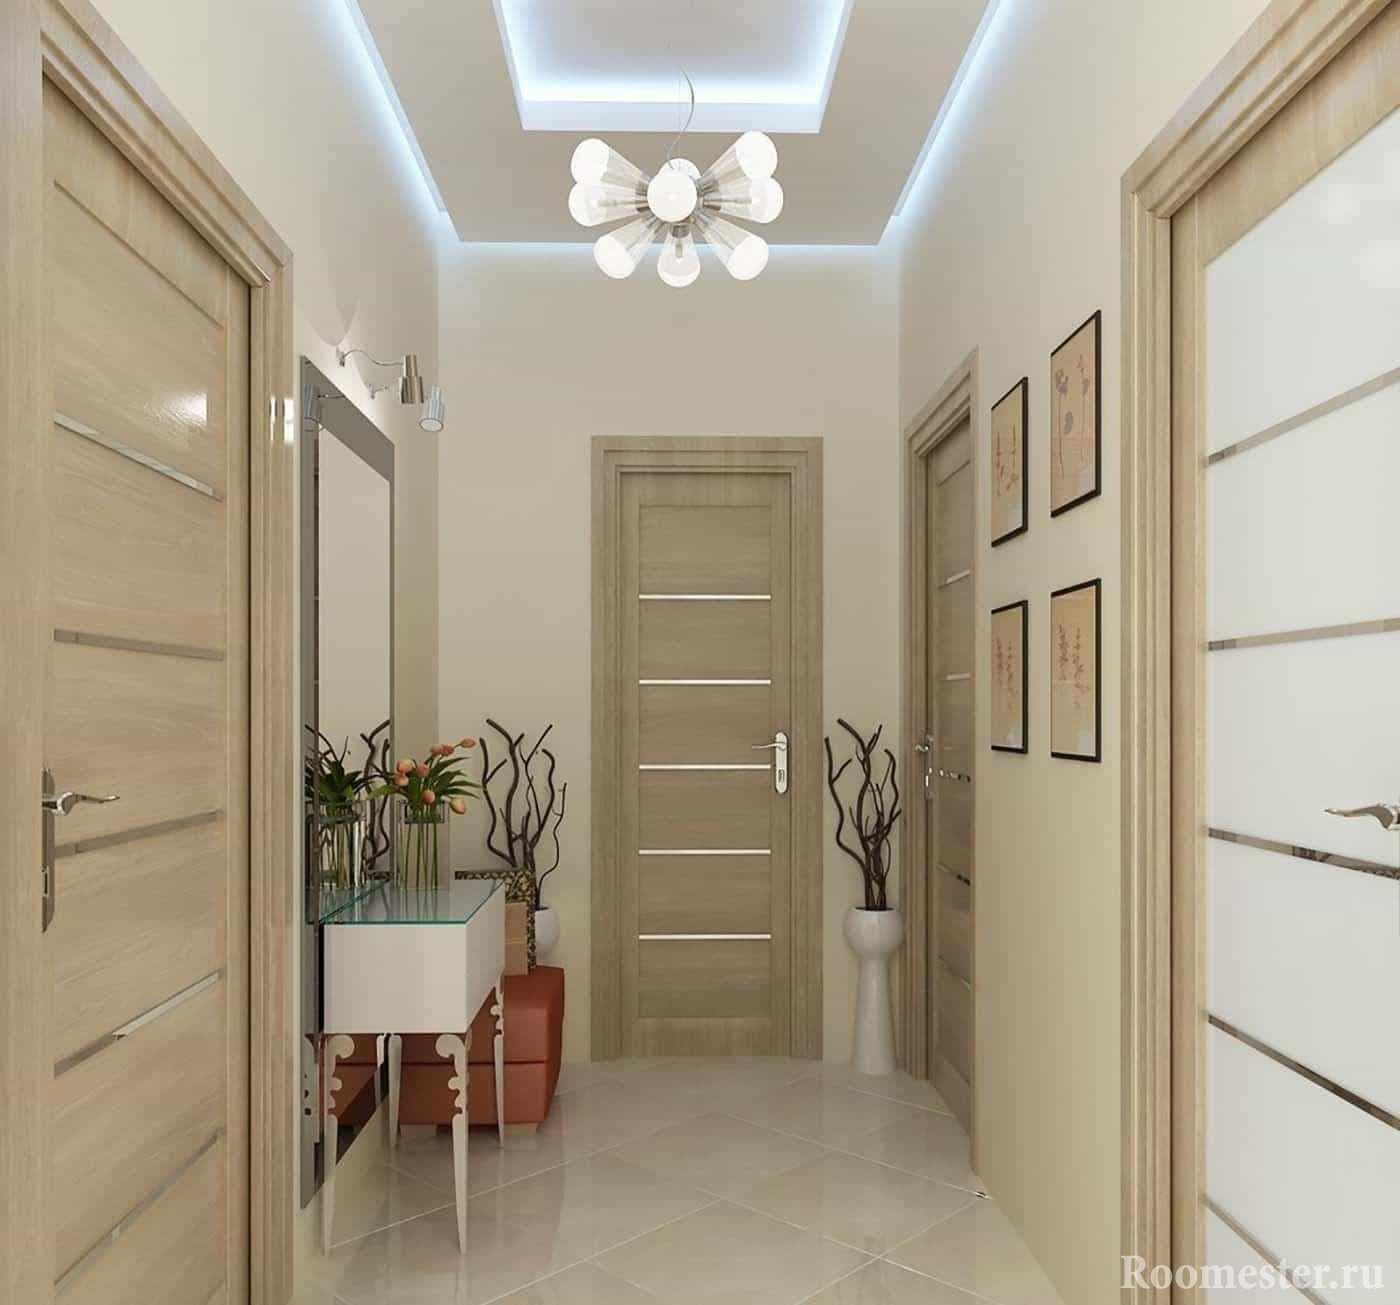 Светлый коридор, сочетание цветов стен и дверей